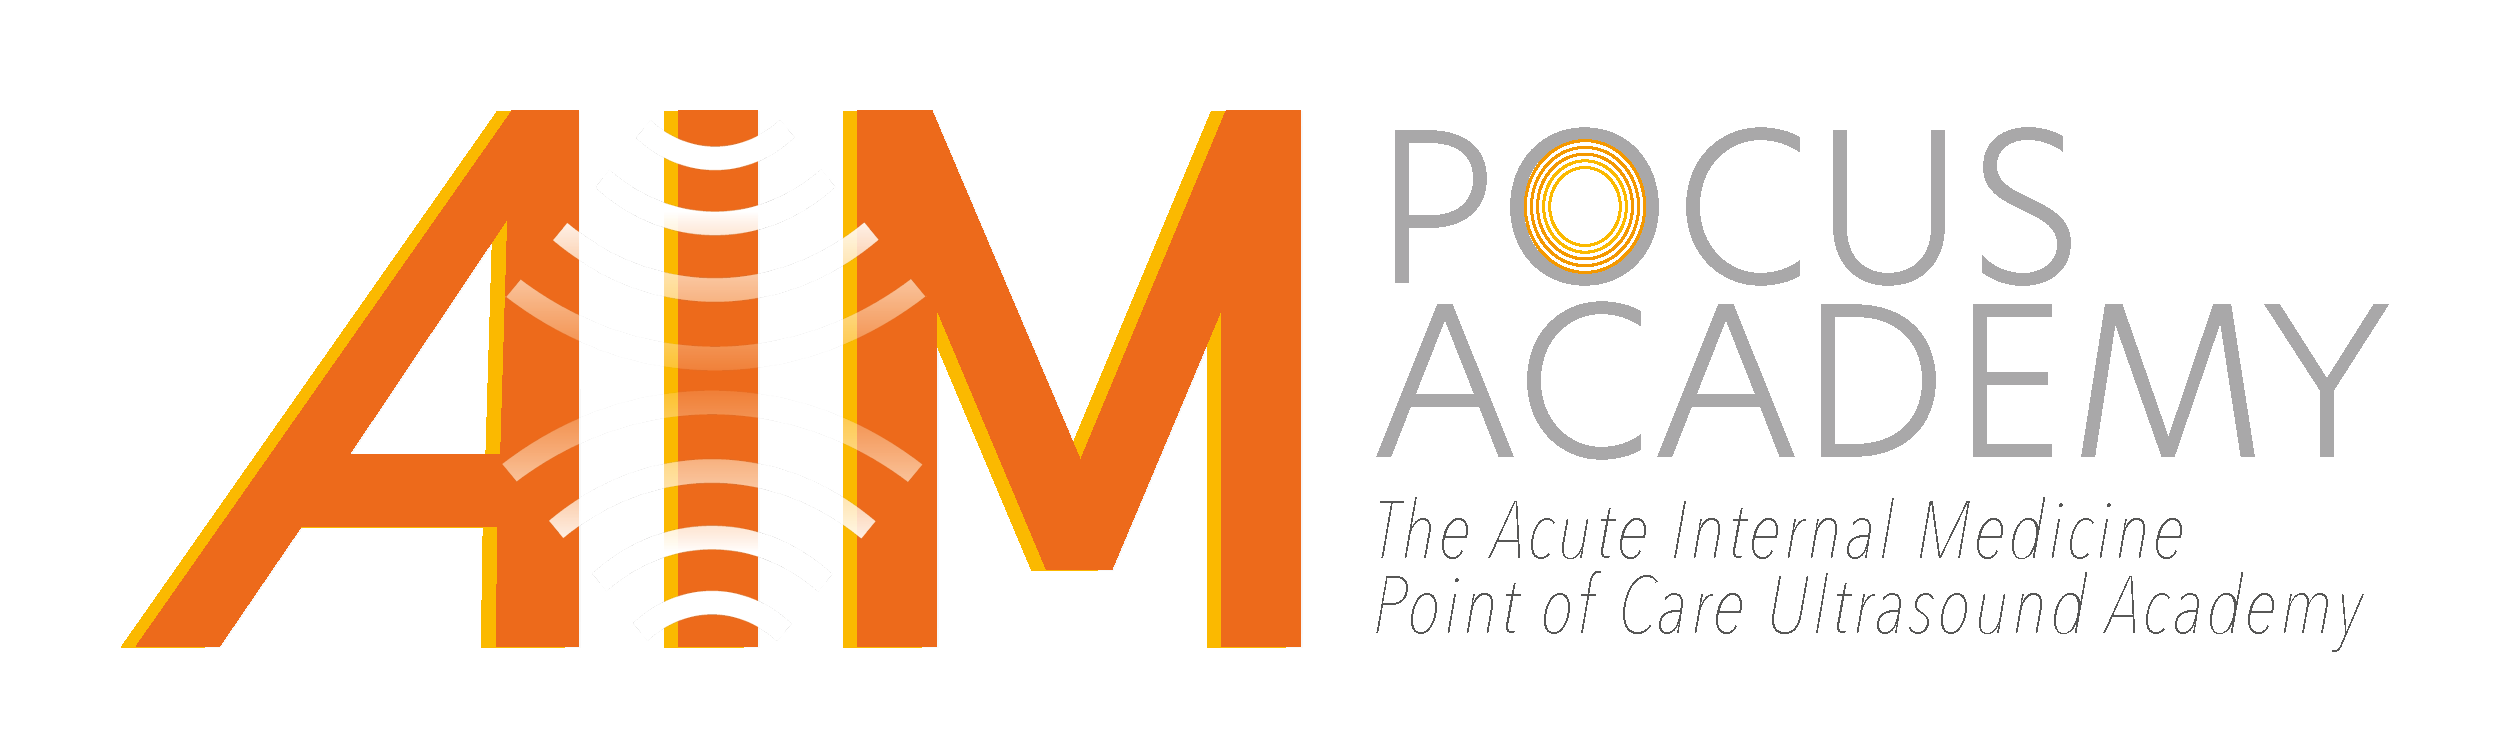 AIM POCUS Academy